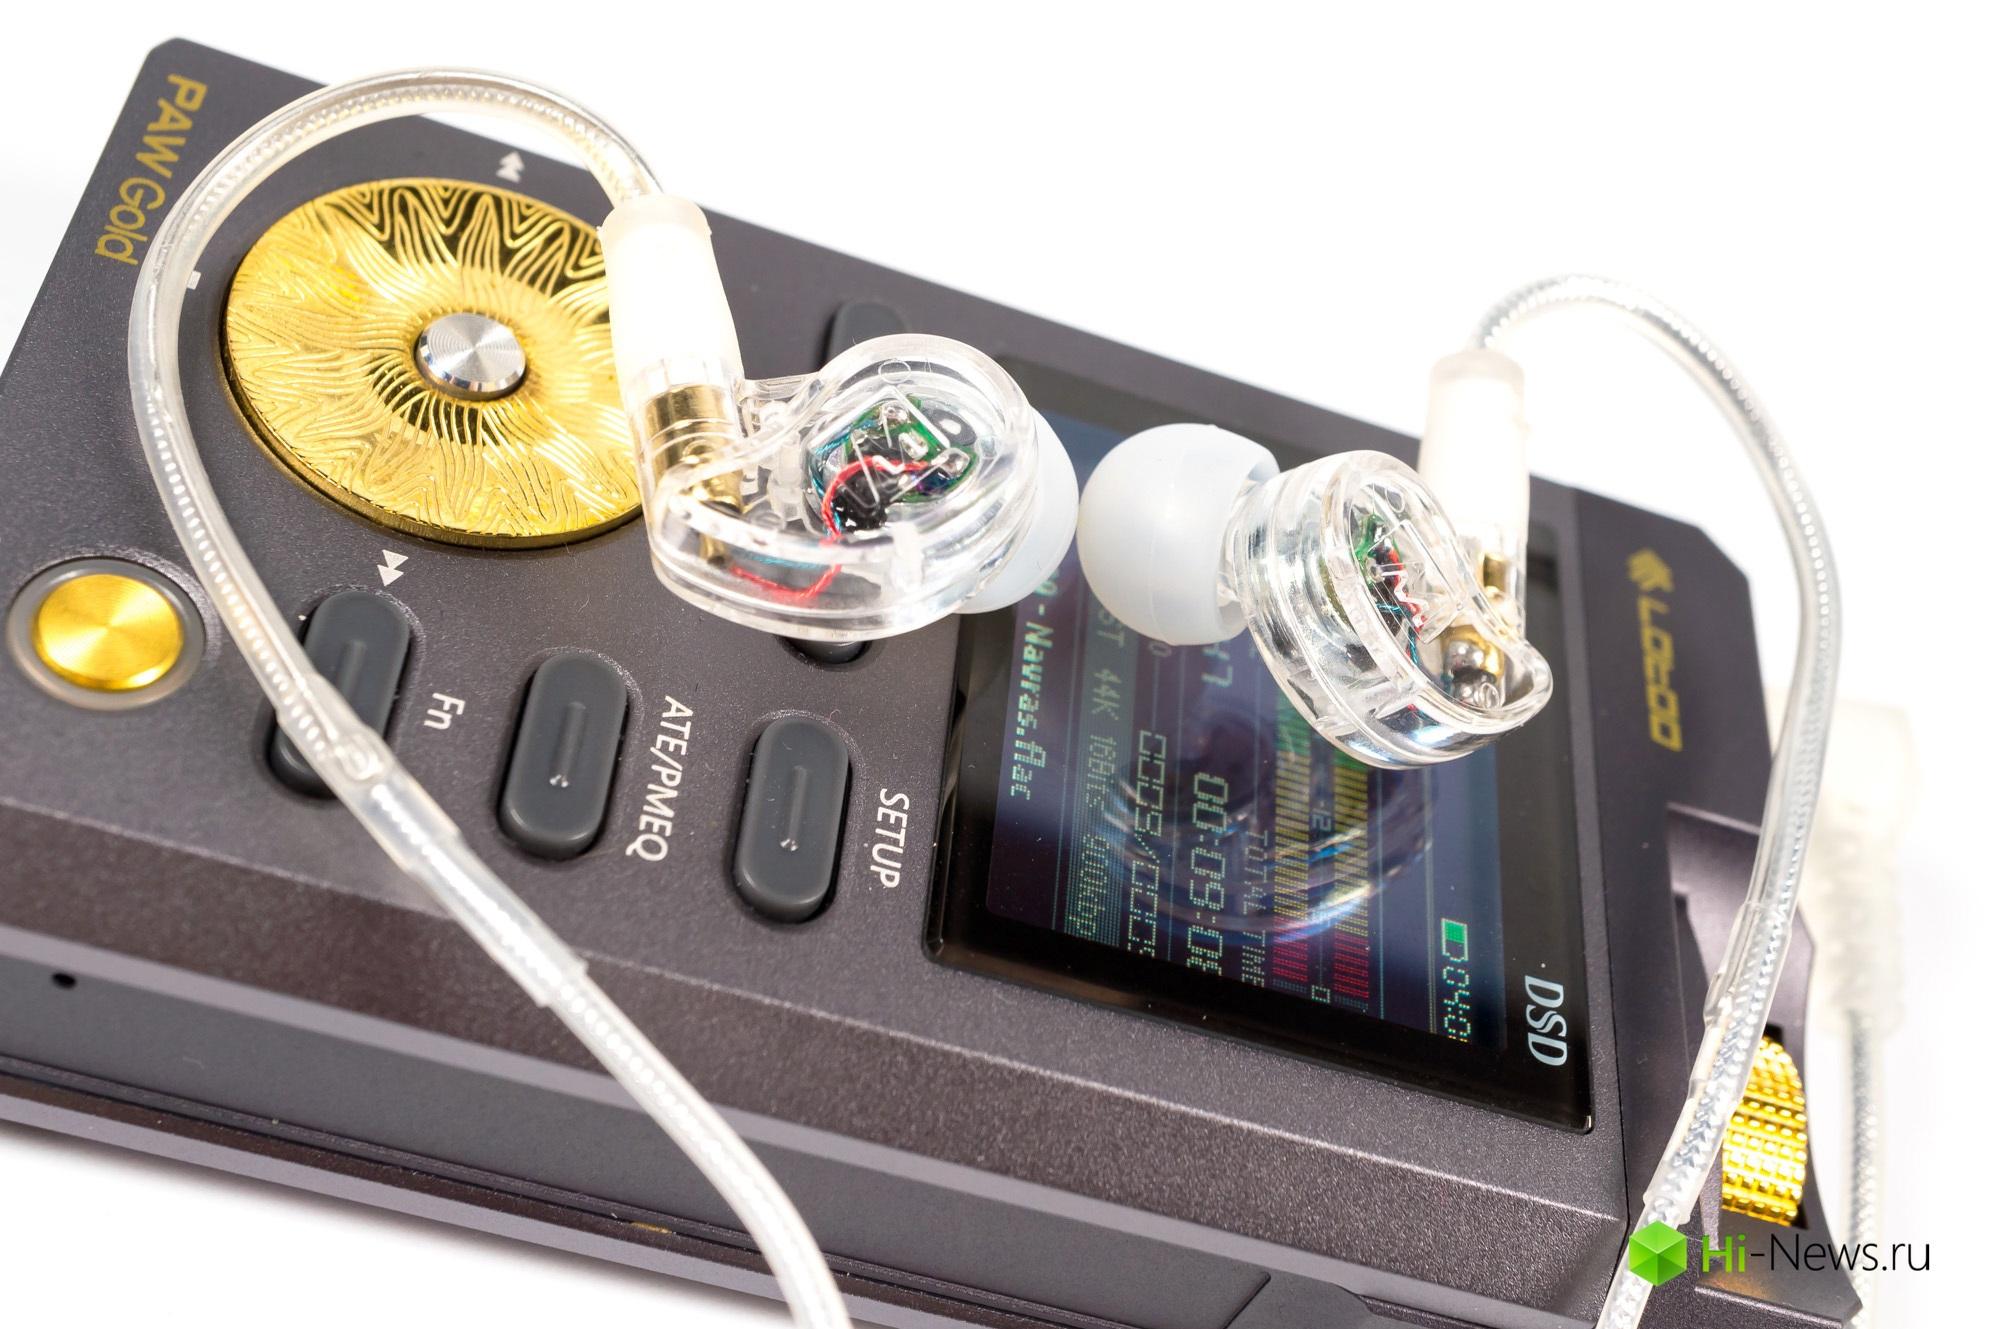 Обзор второго поколения наушников MEEAudio M6Pro — мониторность